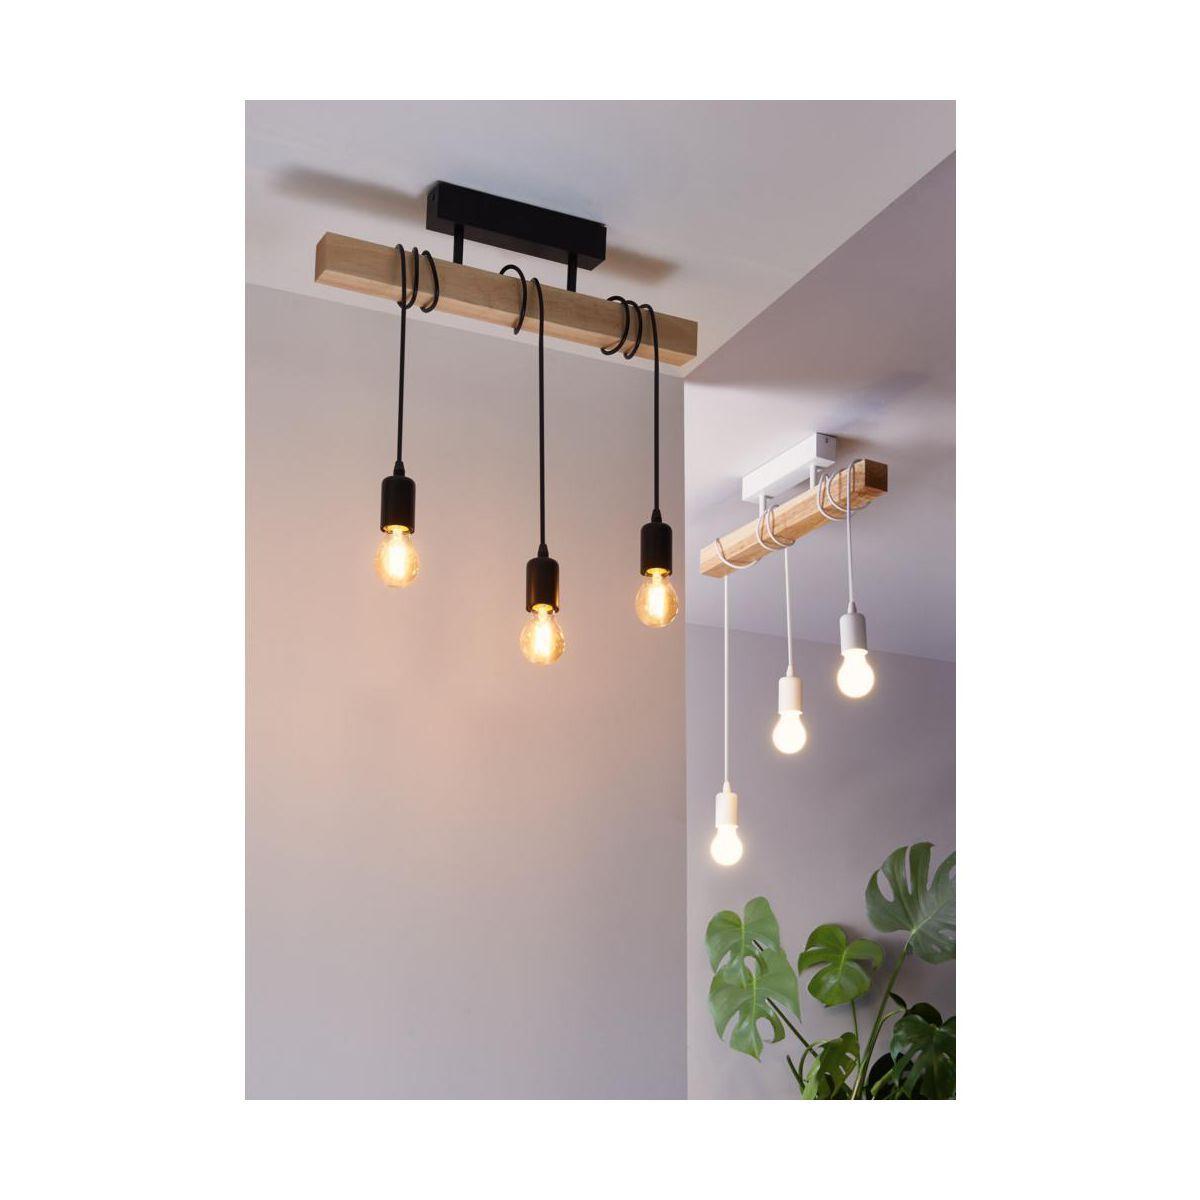 Lampa Wiszaca Townshend Czarna E27 Eglo Zyrandole Lampy Wiszace I Sufitowe W Atrakcyjnej Cenie W Sklepach Leroy Merlin Home Decor Decor Ceiling Lights